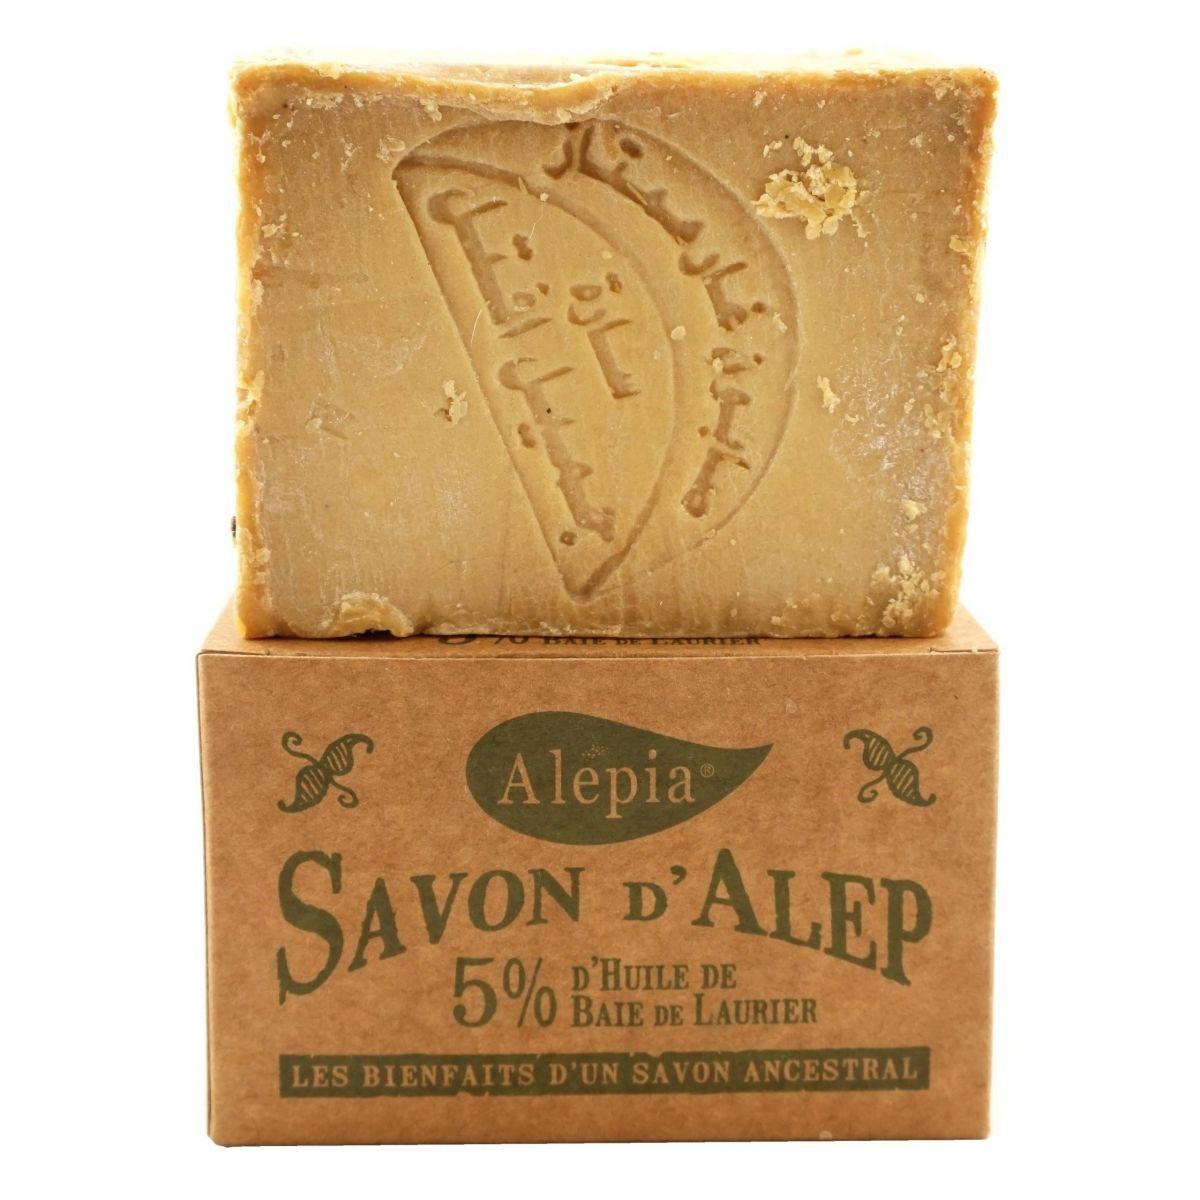 Mydło Aleppo 5% oleju laurowego - 190 - Alepia